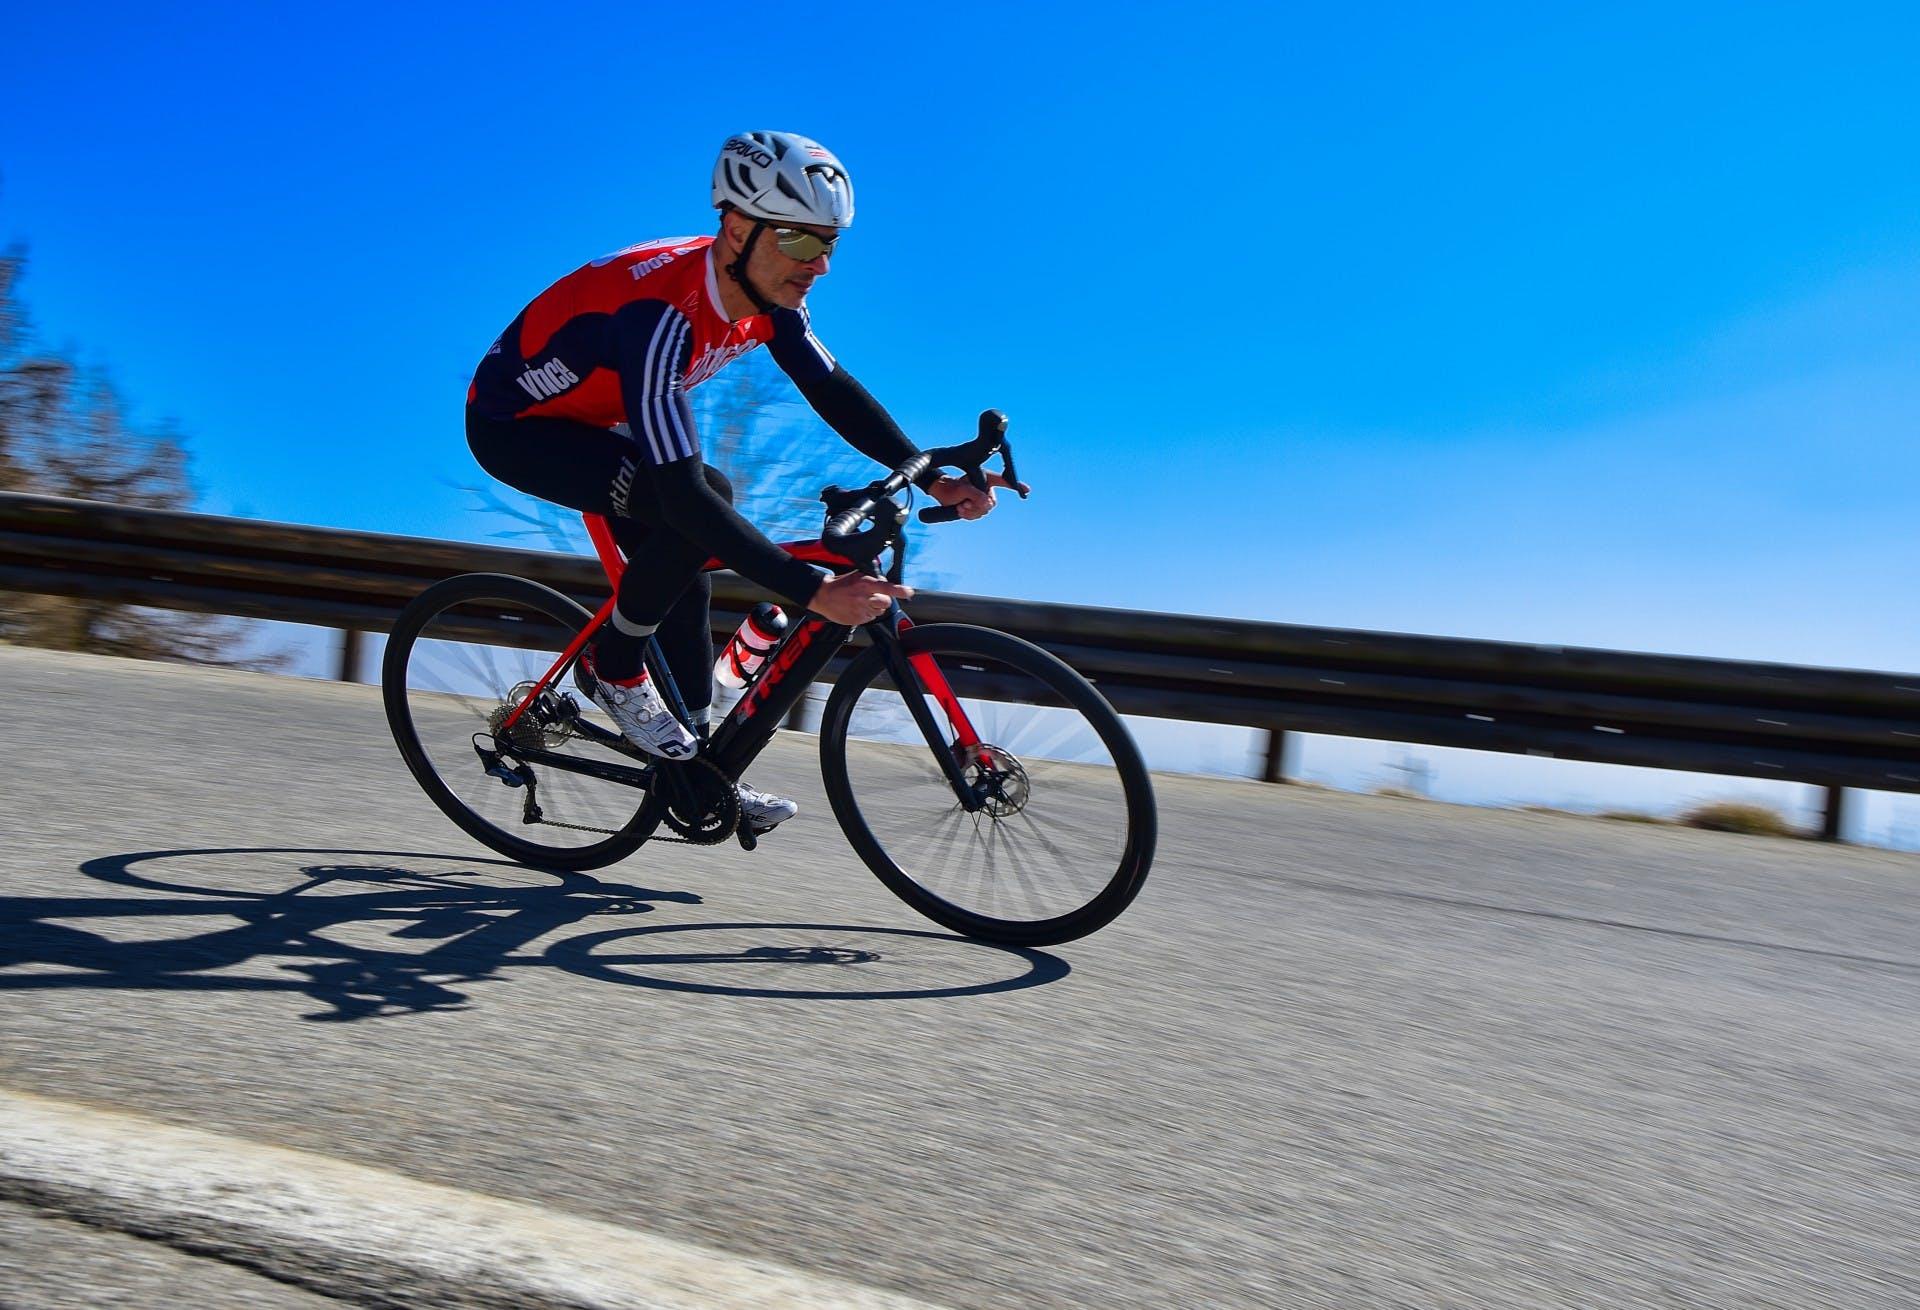 bici elettrica trek Domane+ LT foto in azione su tornante in discesa